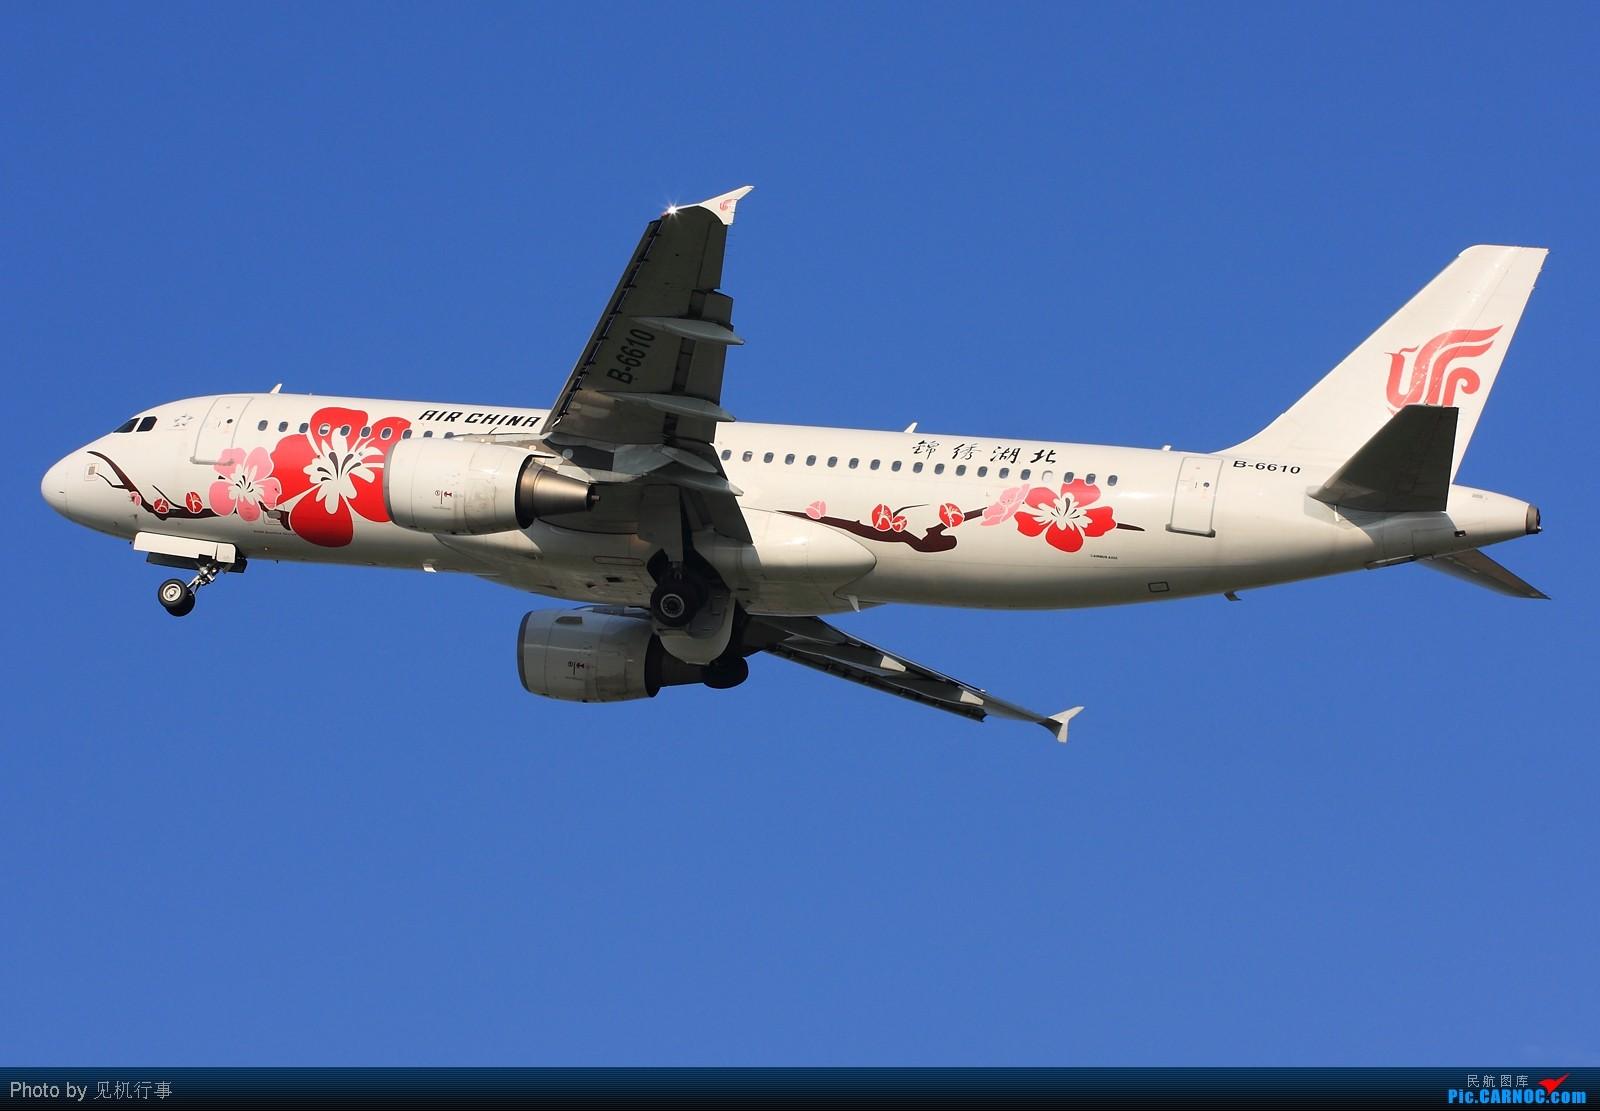 Re:[原创]【深圳飞友会】几个月内难的出现好天气!好心情﹑ 好天气﹑ 好飞机。锦绣湖北是焦点。 AIRBUS A320 B-6610 广州白云国际机场